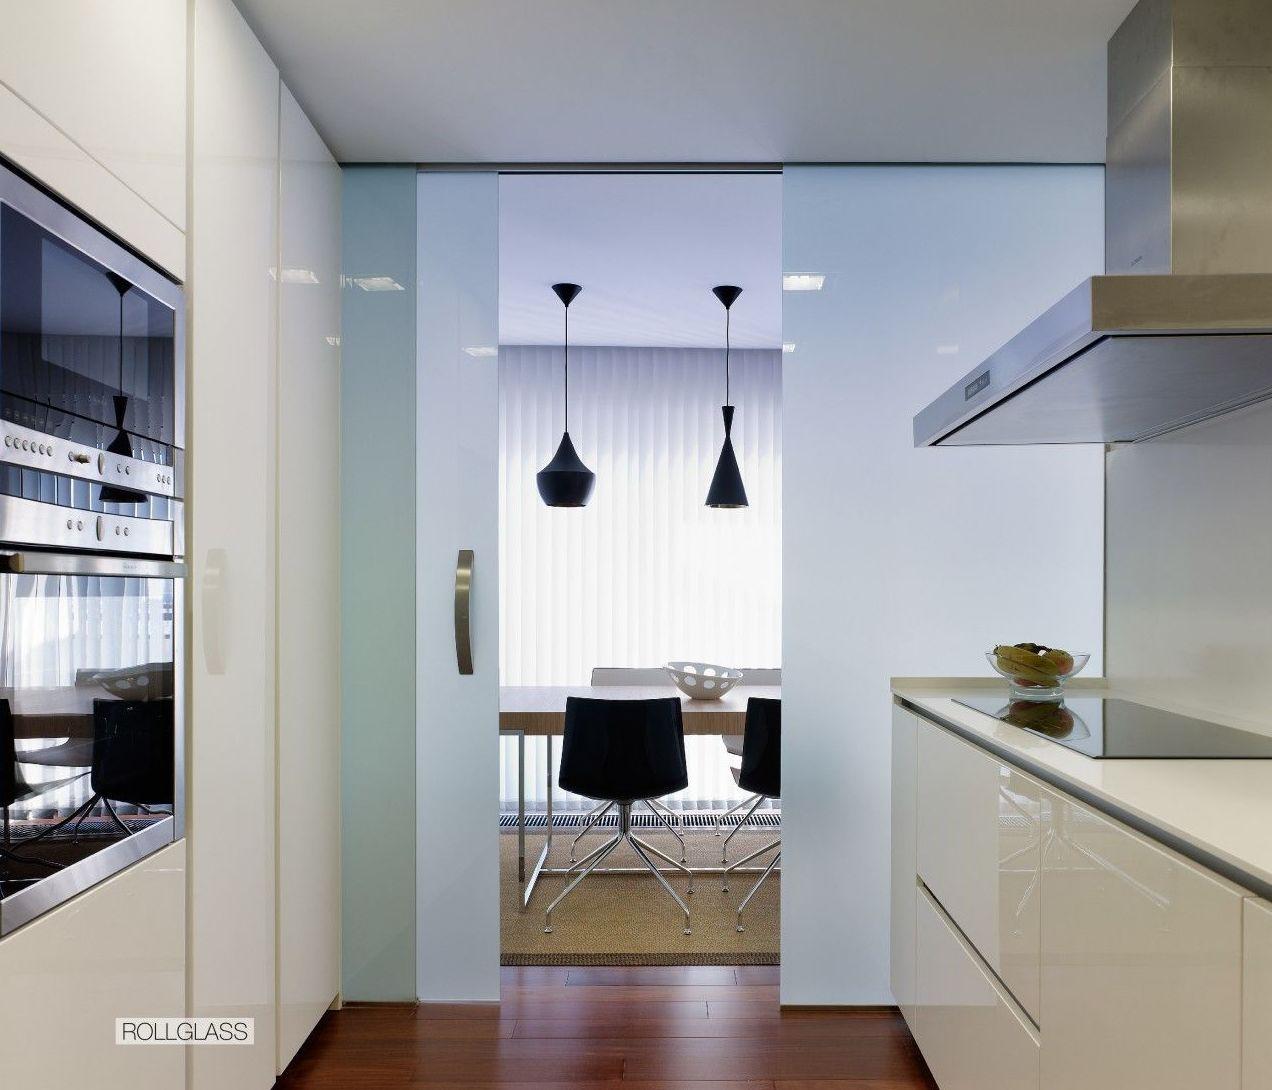 Puerta de cristal en cocina